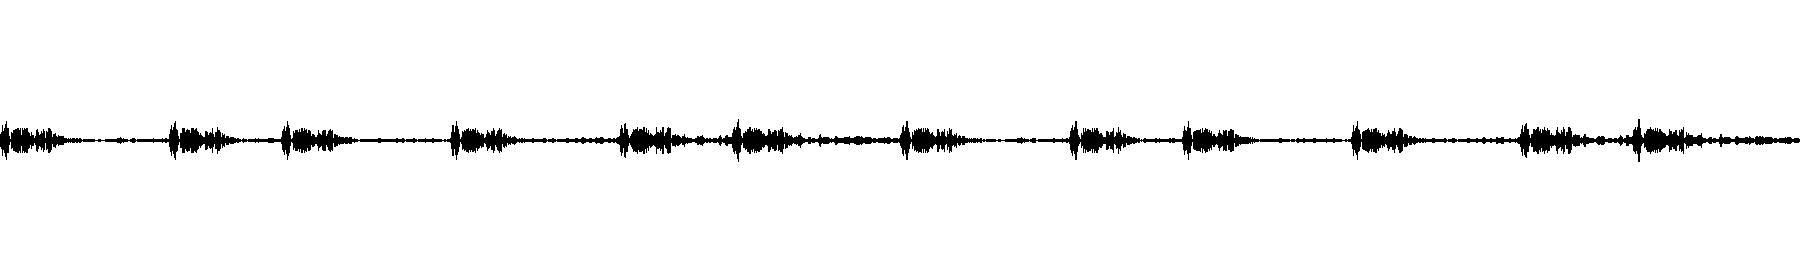 Lofi Chords Piano